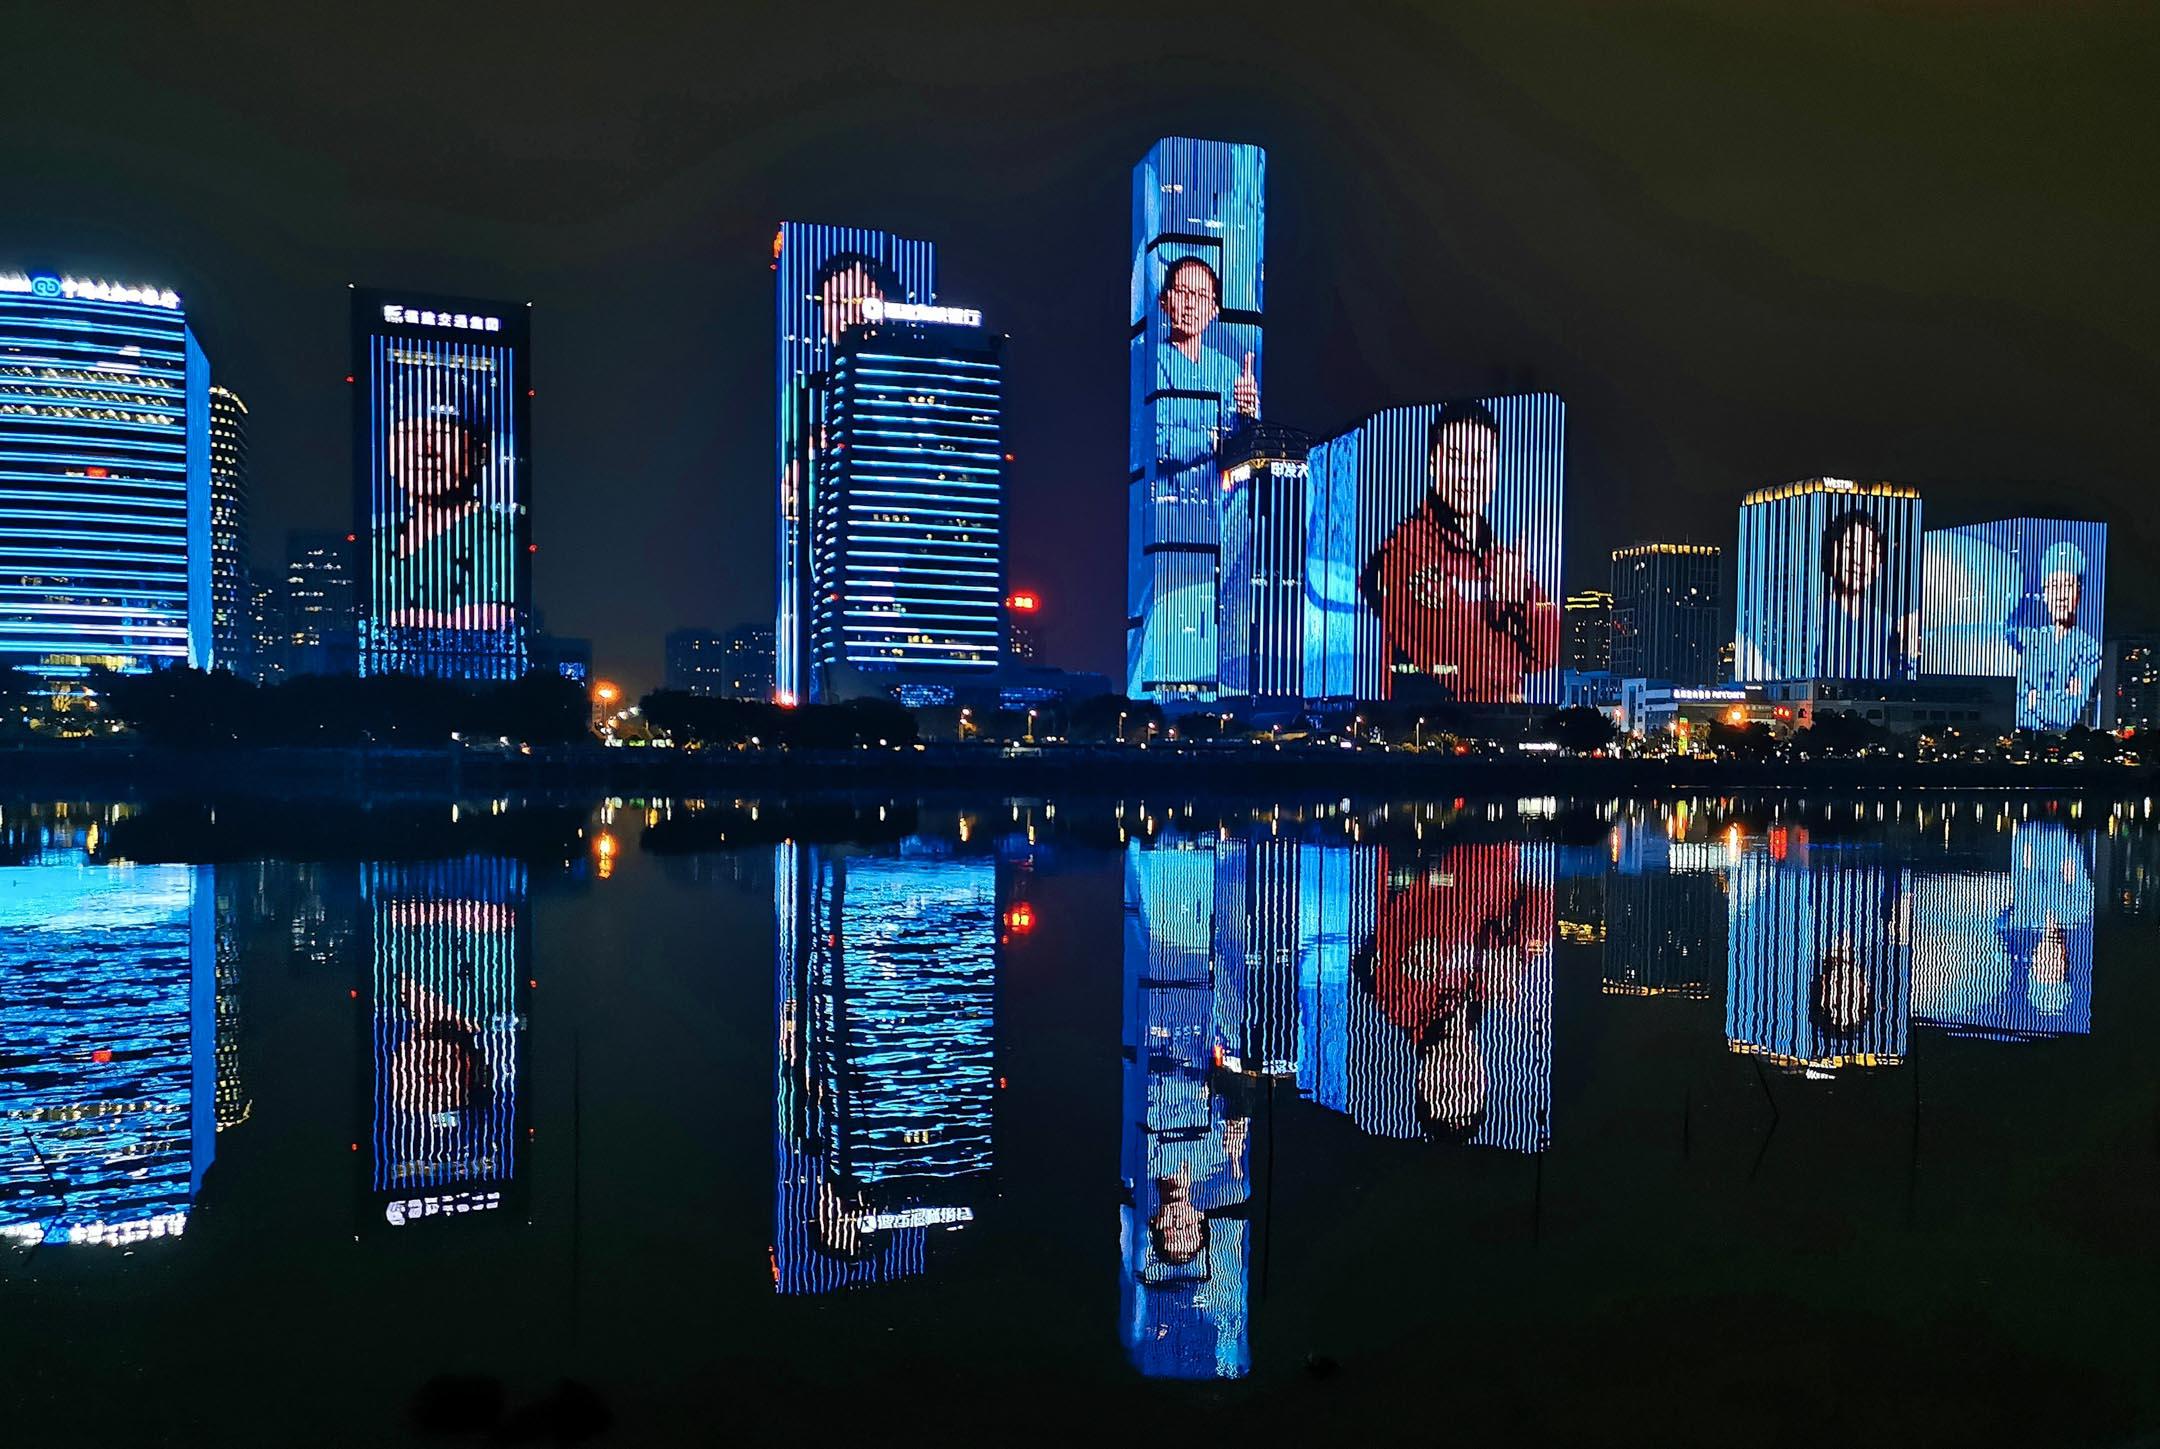 2020年3月18日,福州市的大廈外牆顯示了由福建省送至武漢抗疫的醫護照片。